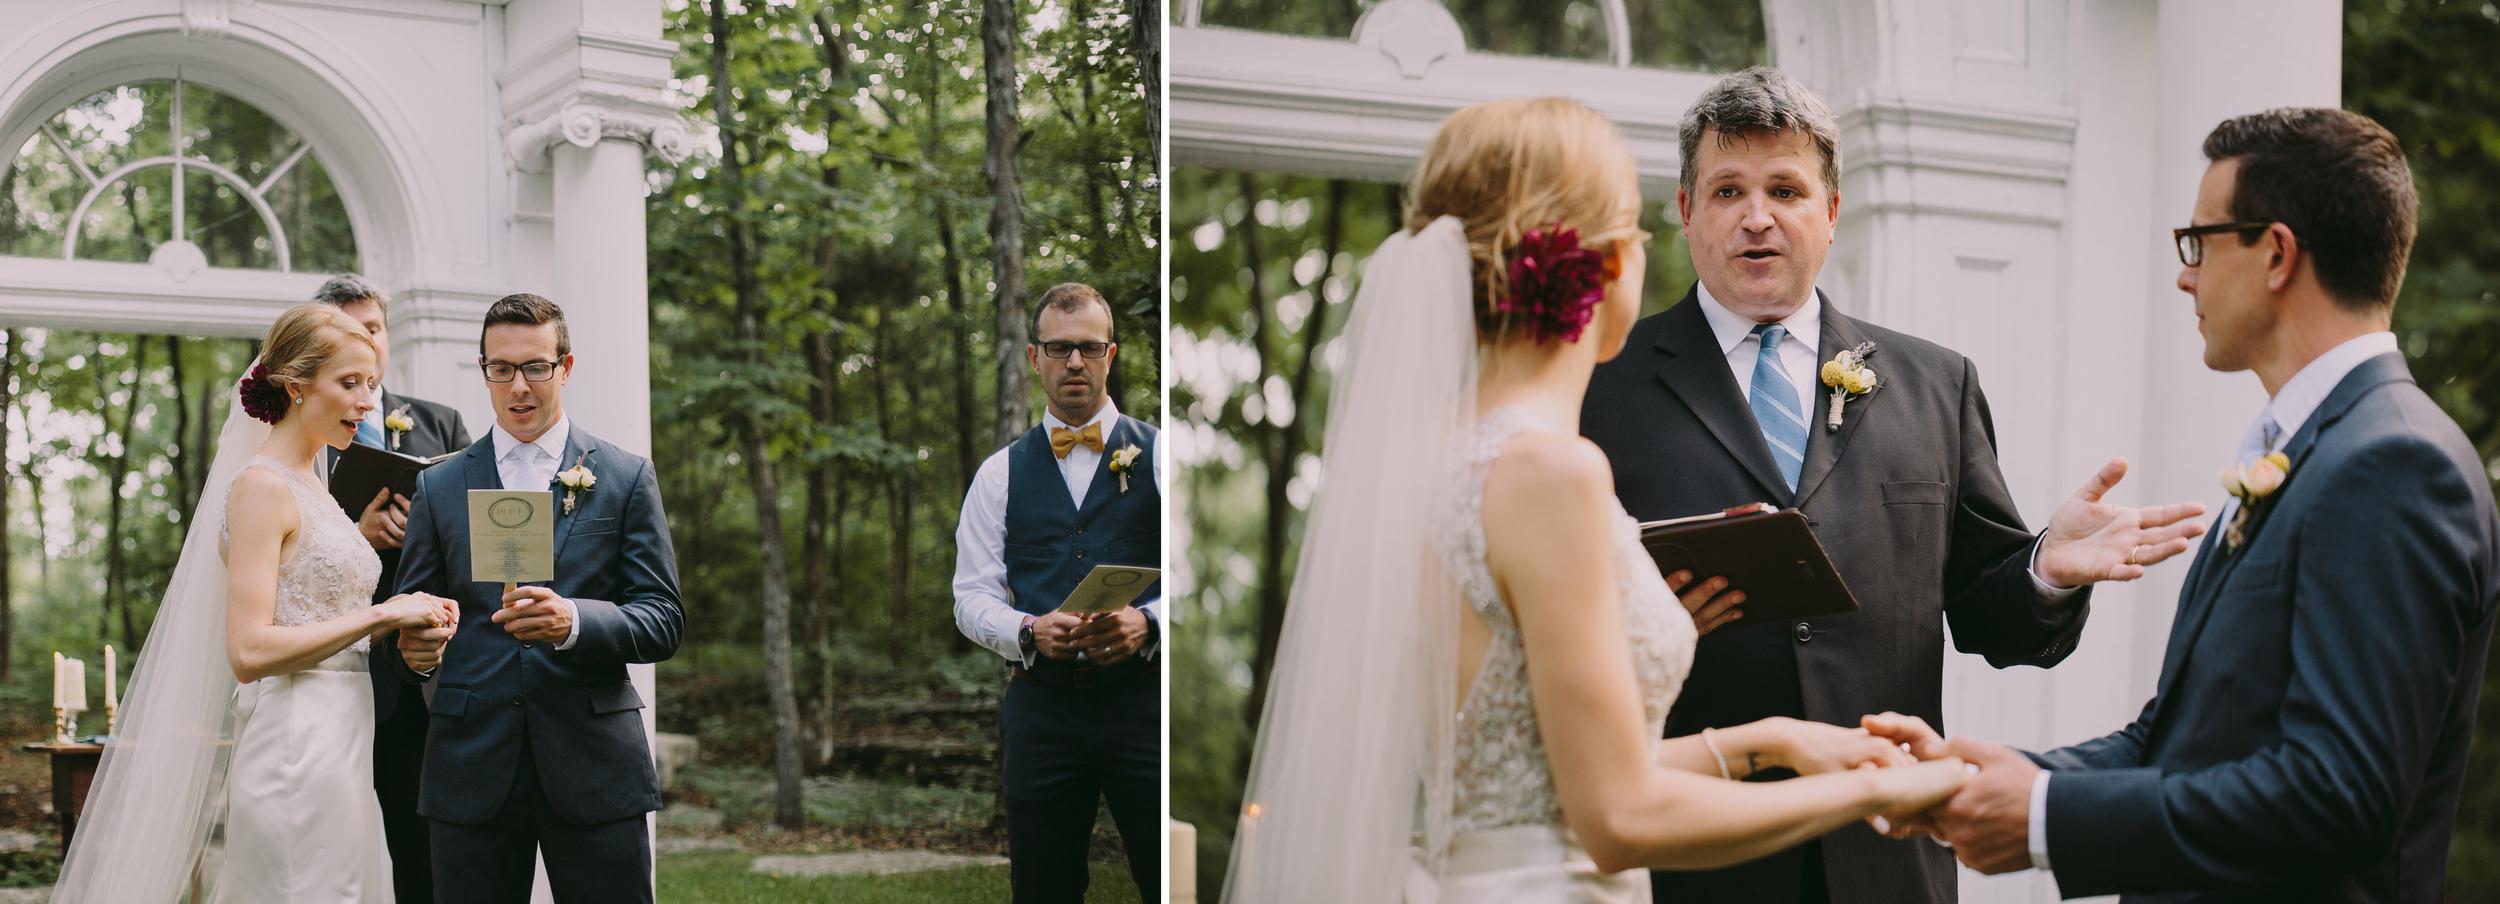 Laura + Mark Wedding Nashville Wedding Photographer Photography Anthology-99 copy.jpg